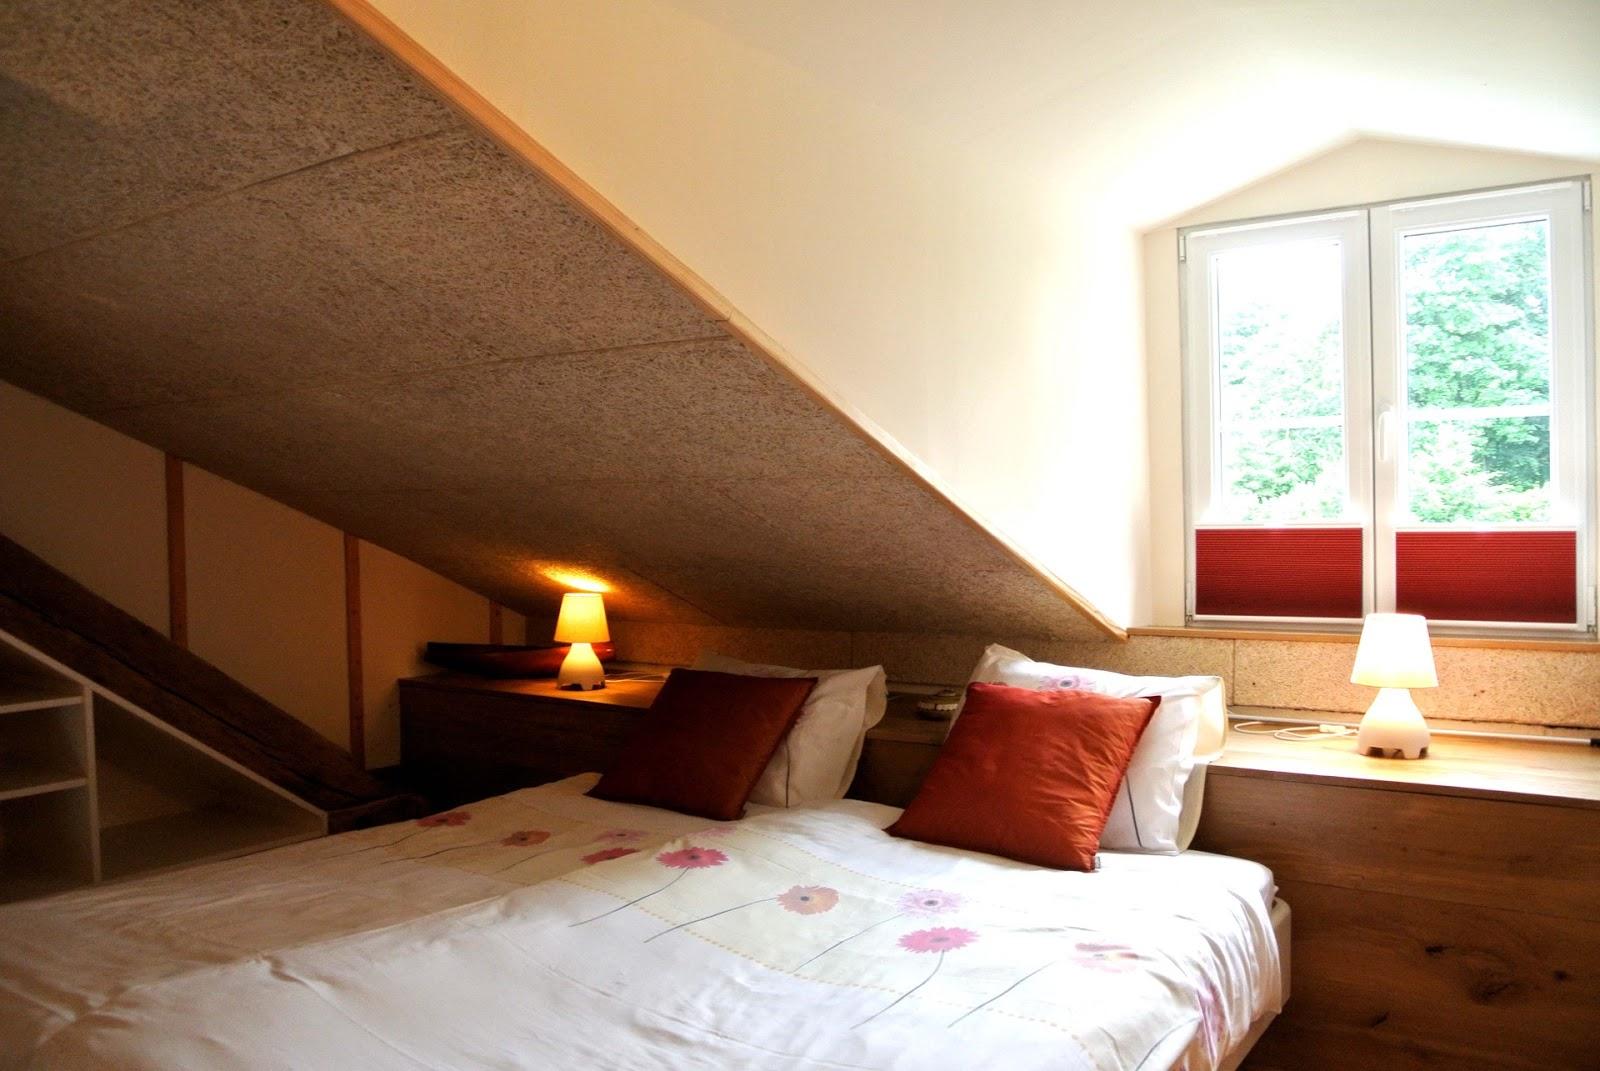 Domaine de l'alu: vakantie appartement (a) 2 kamers (55m²) 2 3 ...